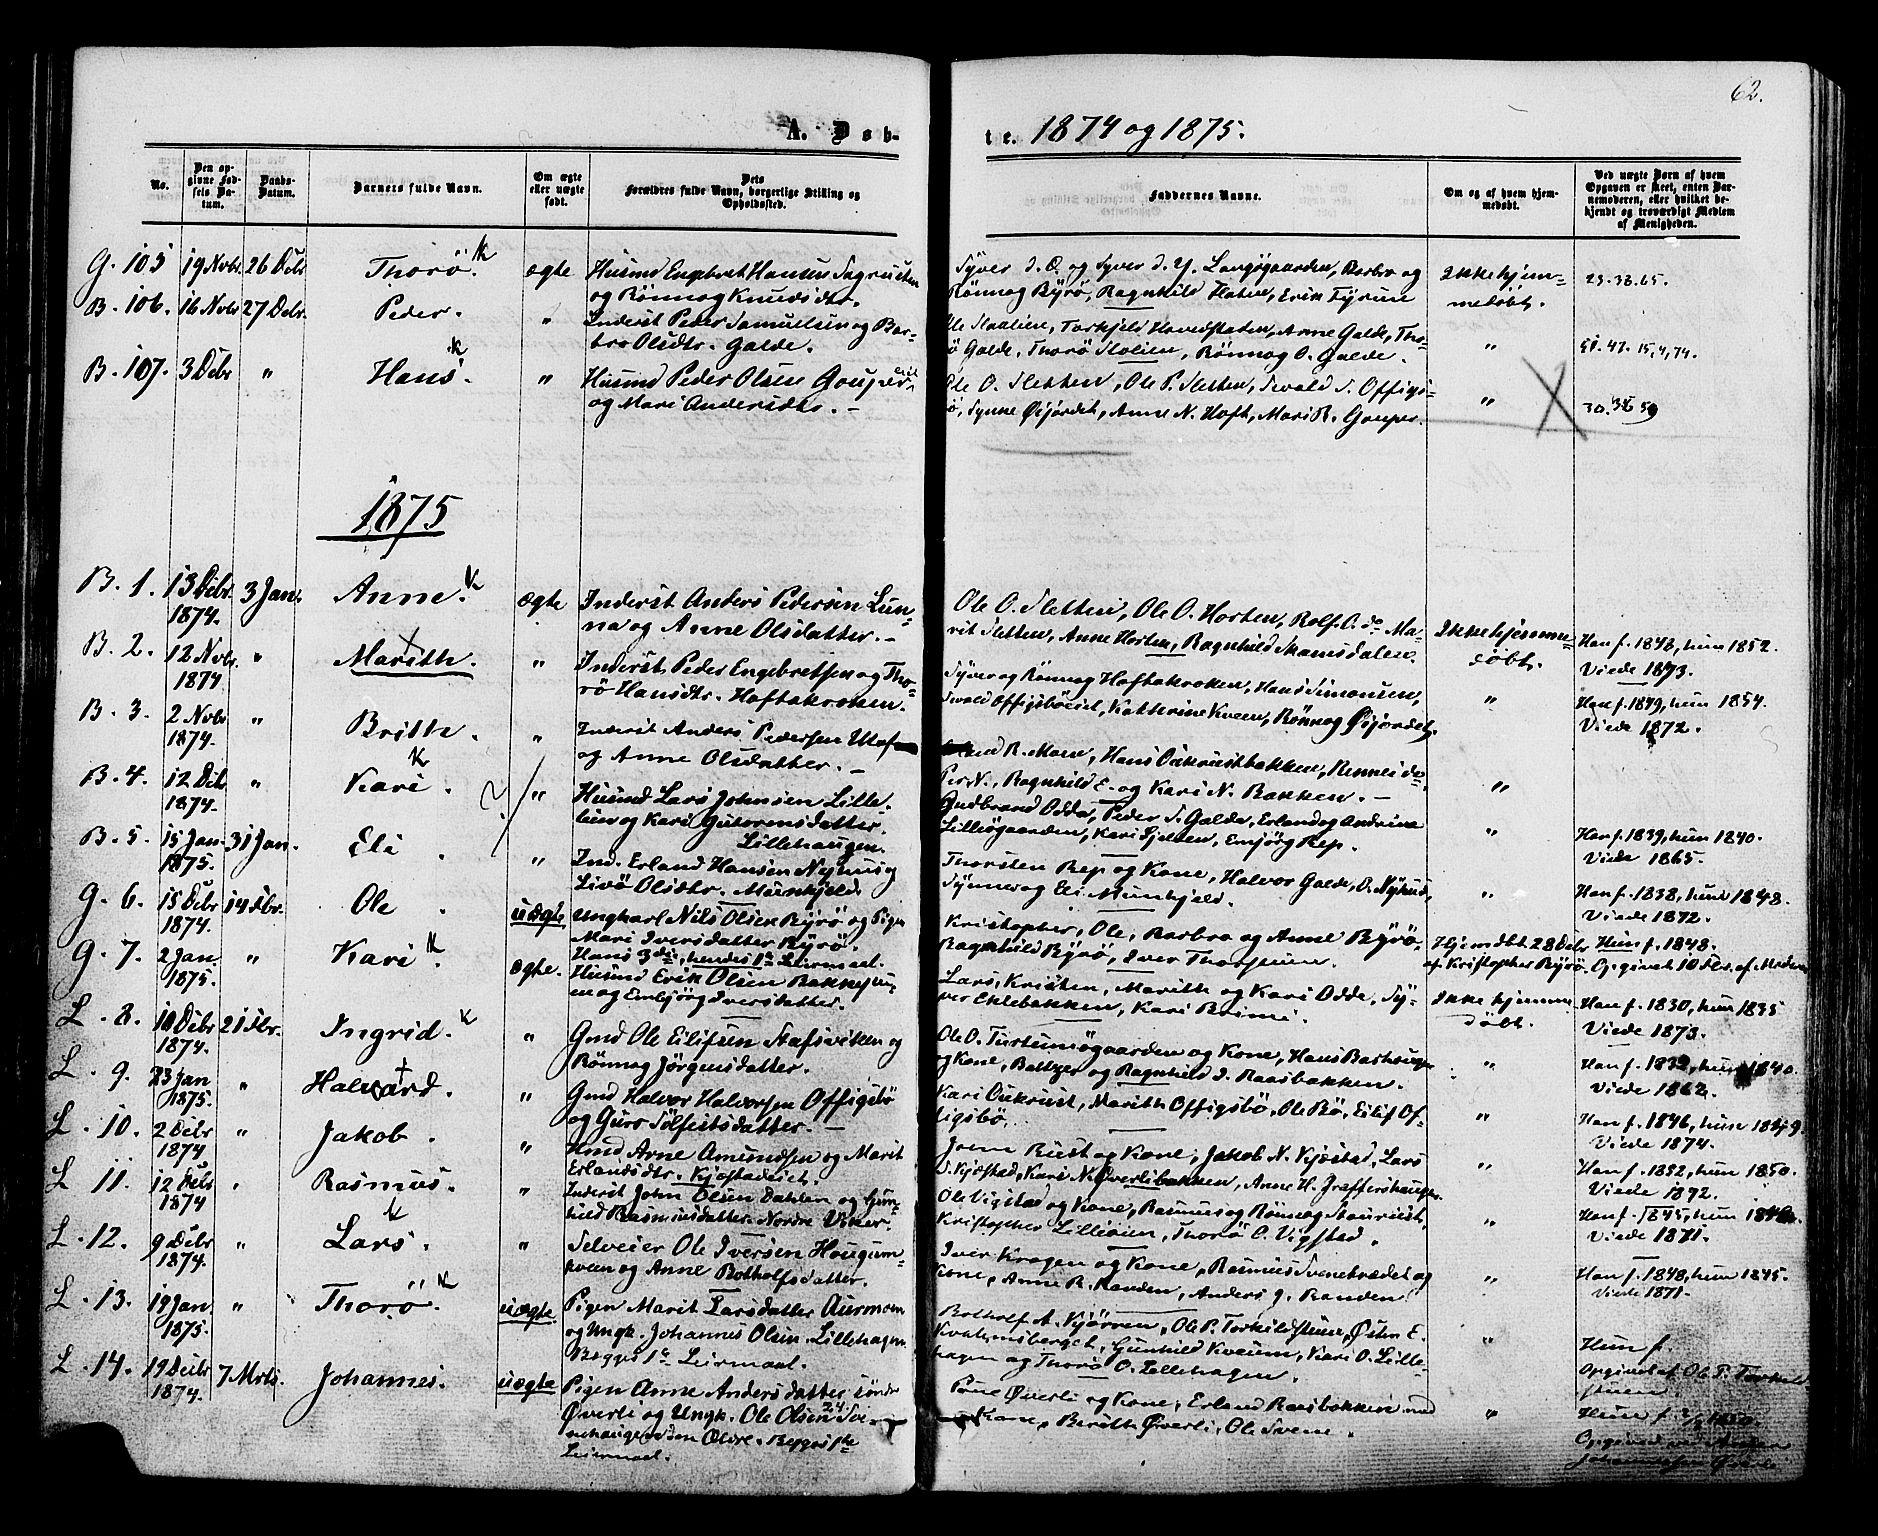 SAH, Lom prestekontor, K/L0007: Ministerialbok nr. 7, 1863-1884, s. 62